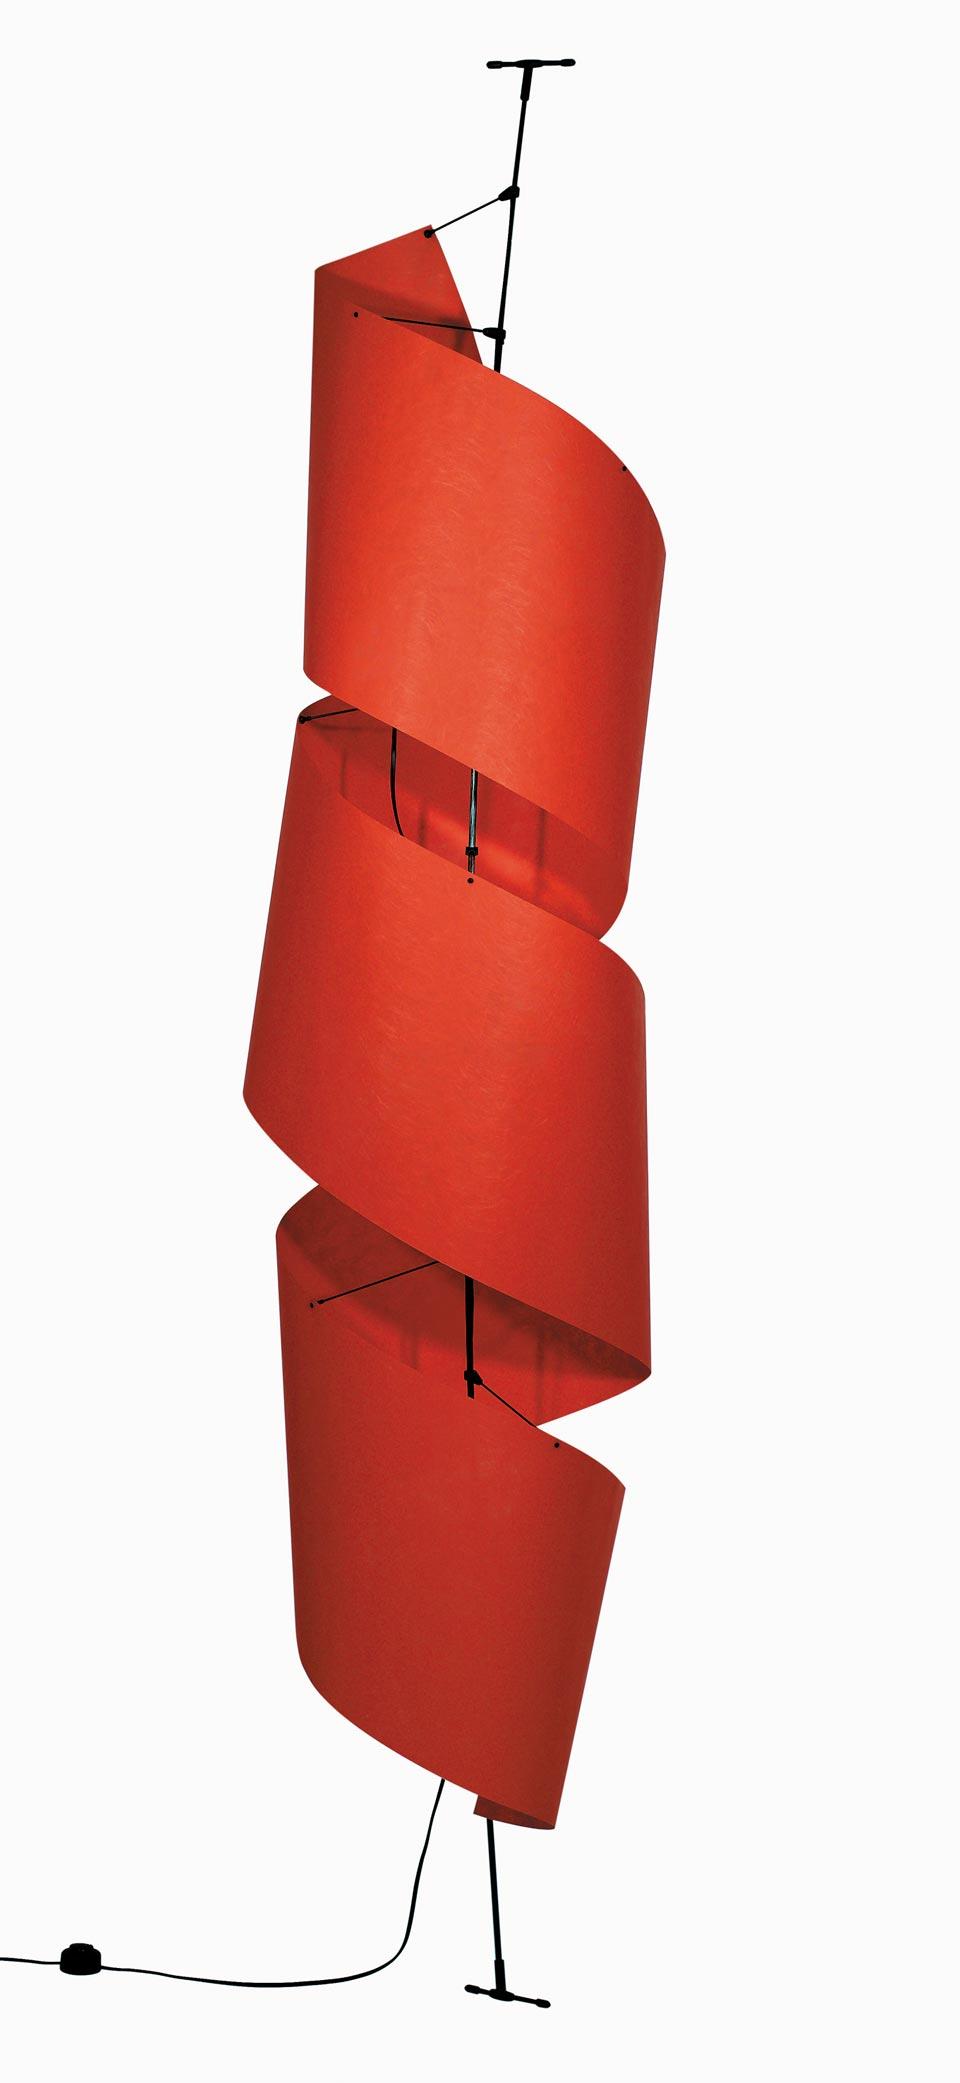 Lampadaire Spy rouge en papier non tissé. Vicky Weiler.